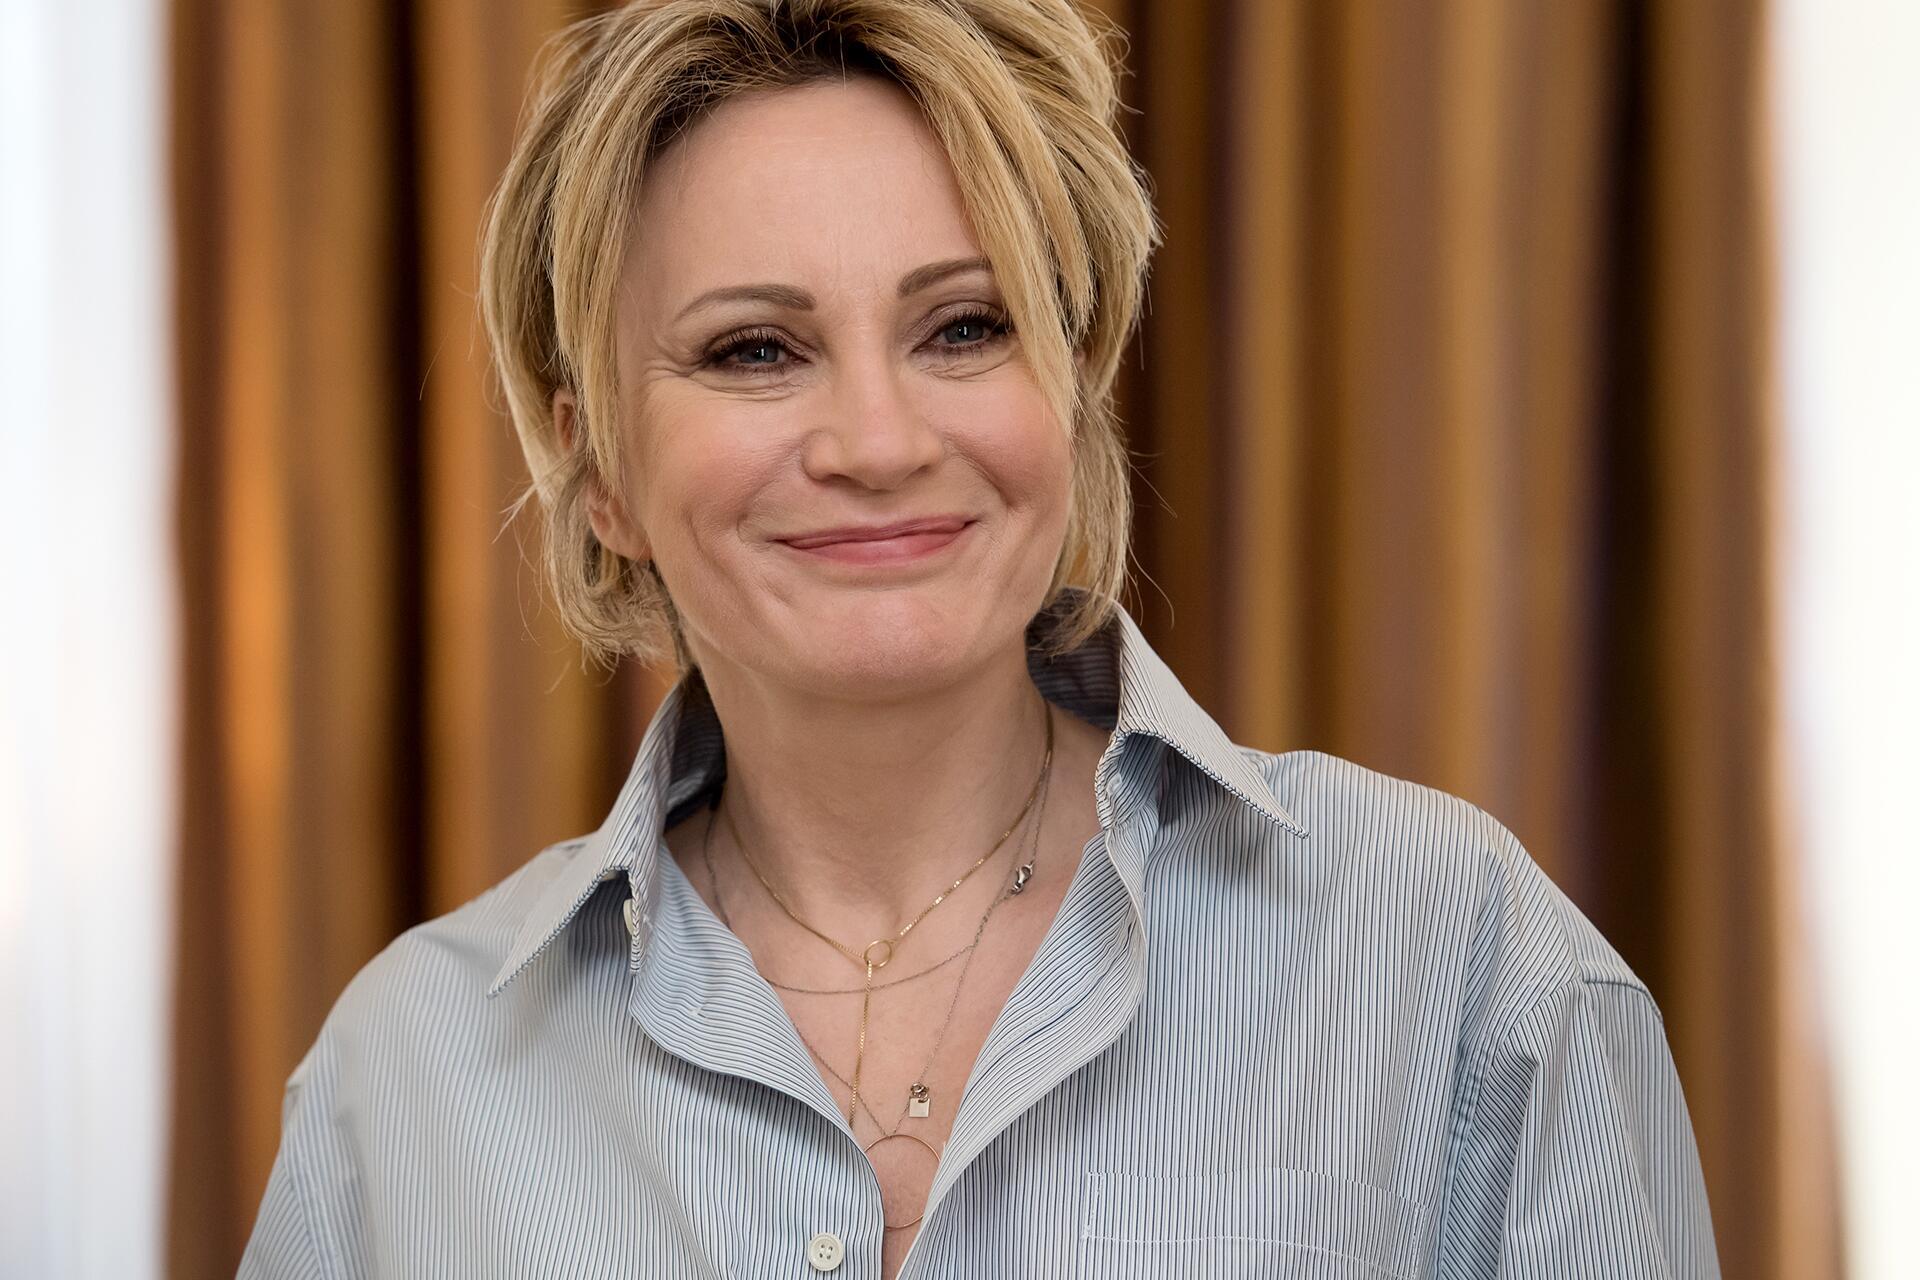 Bild zu Patricia Kaas, Geburtstag, 50, Sängerin